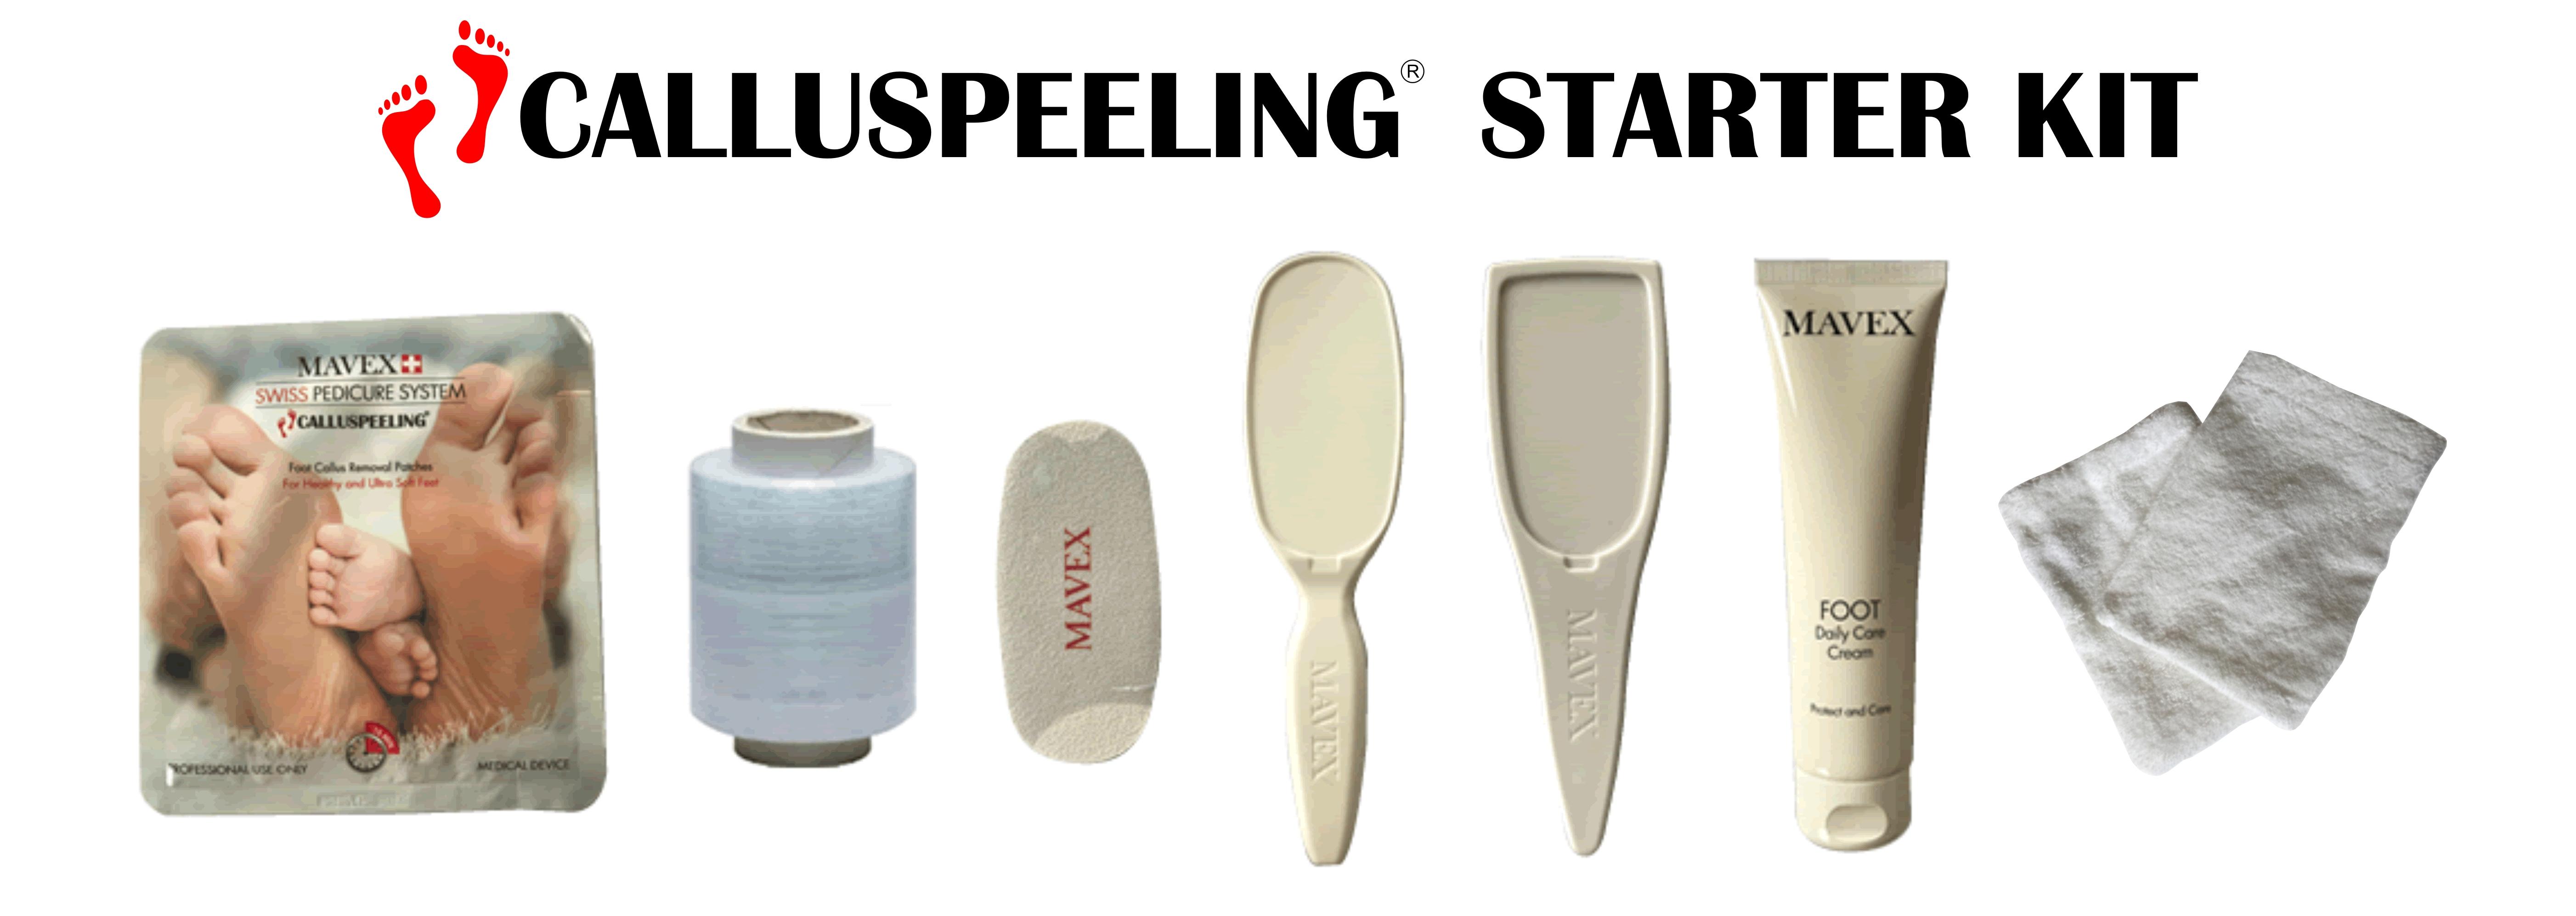 callus peeling